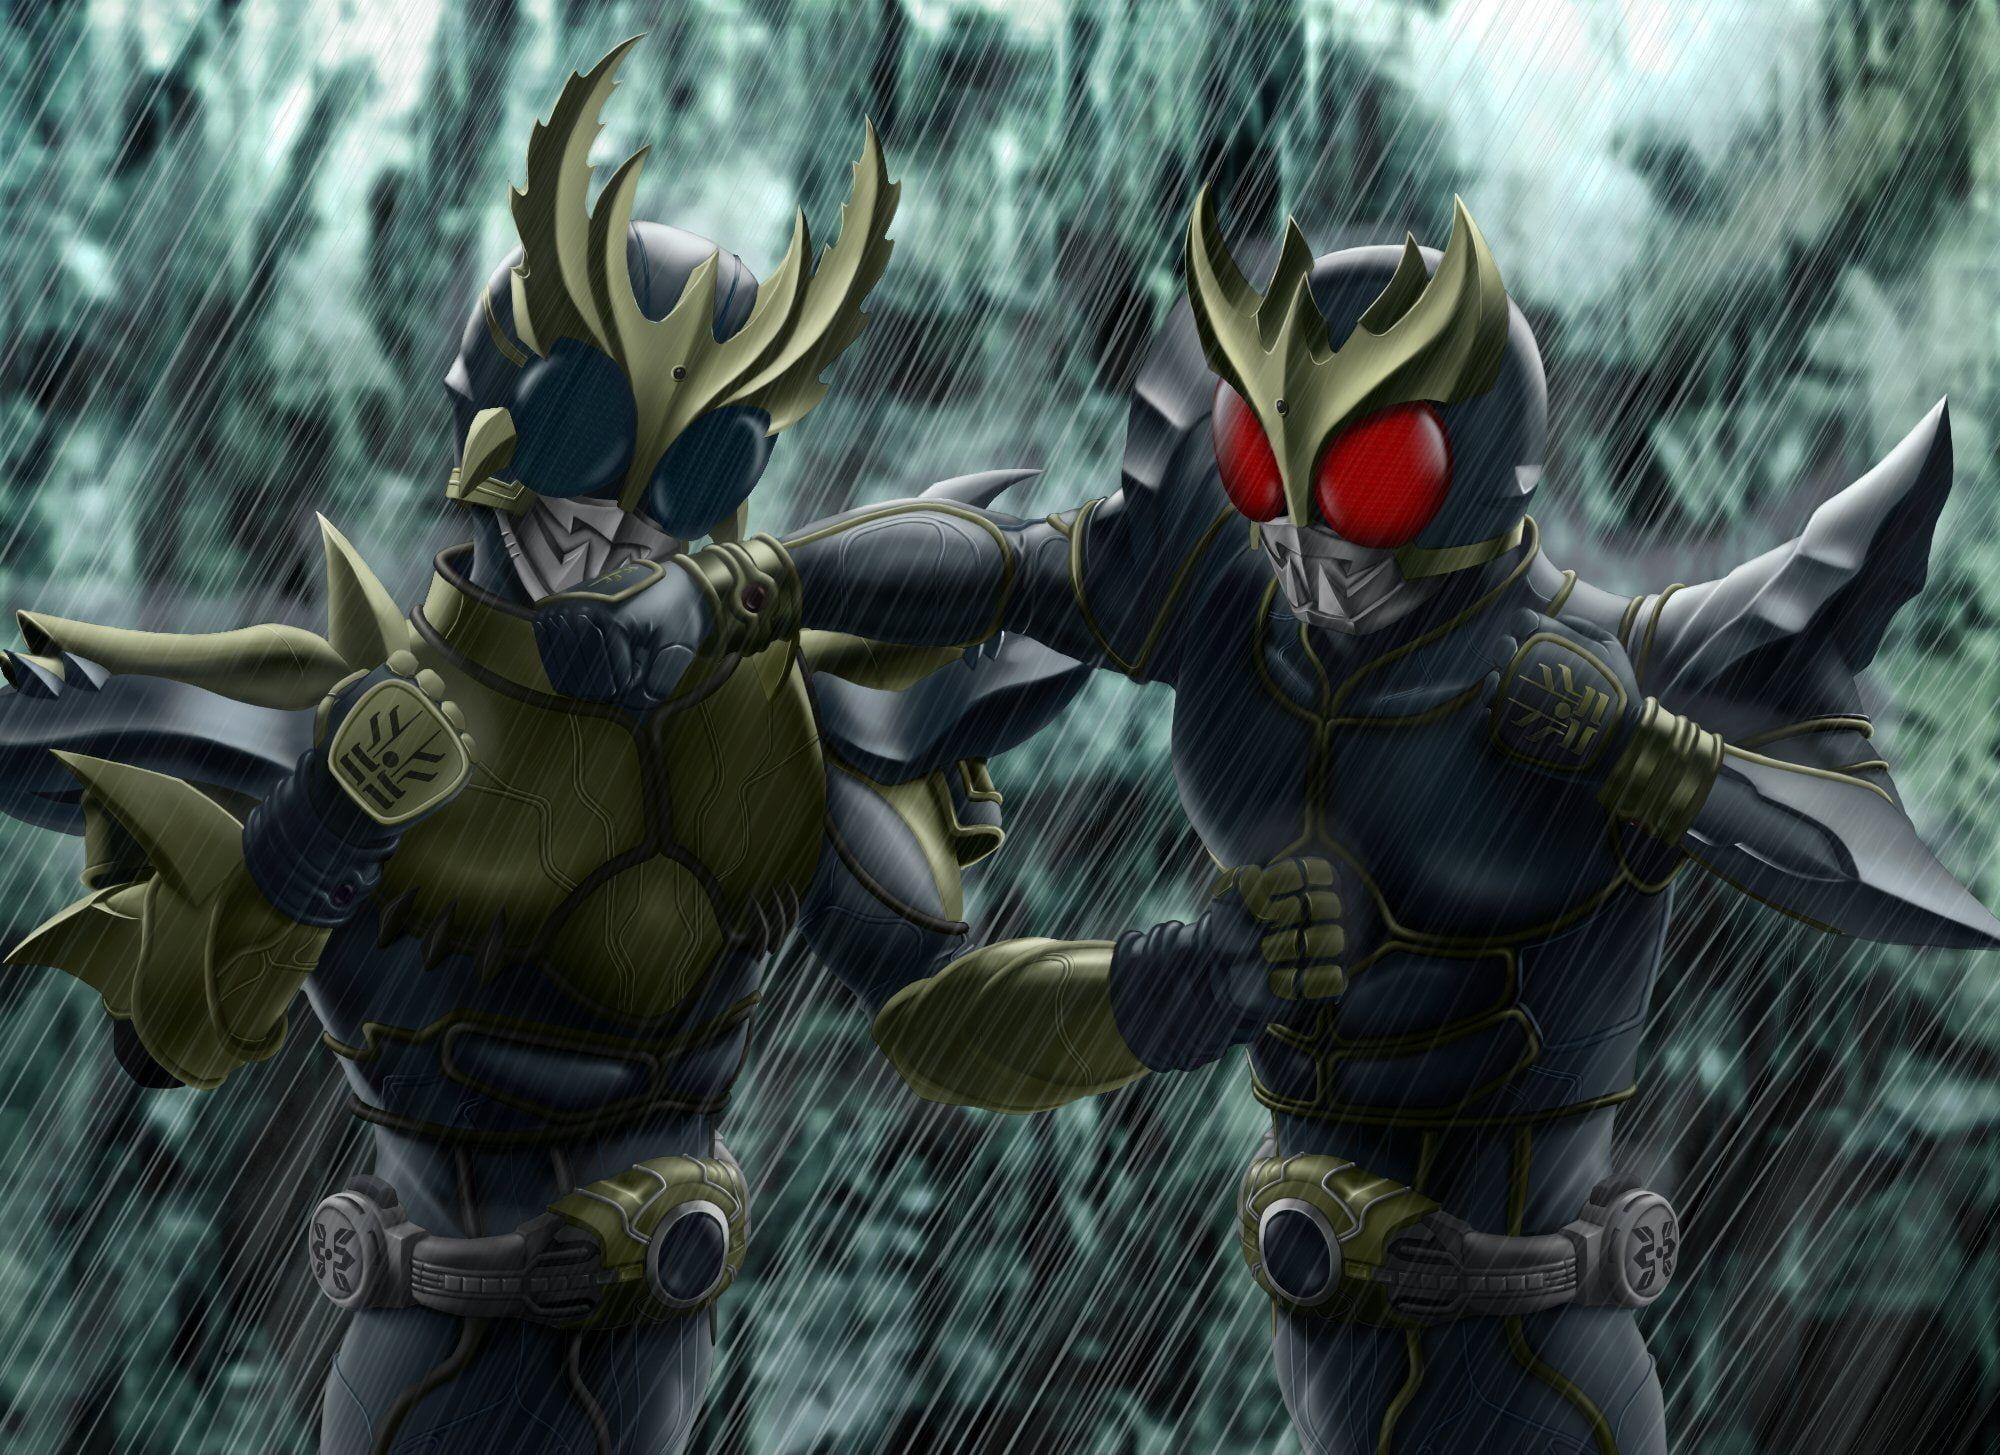 action anime kaman kamen rider manga rider sci fi